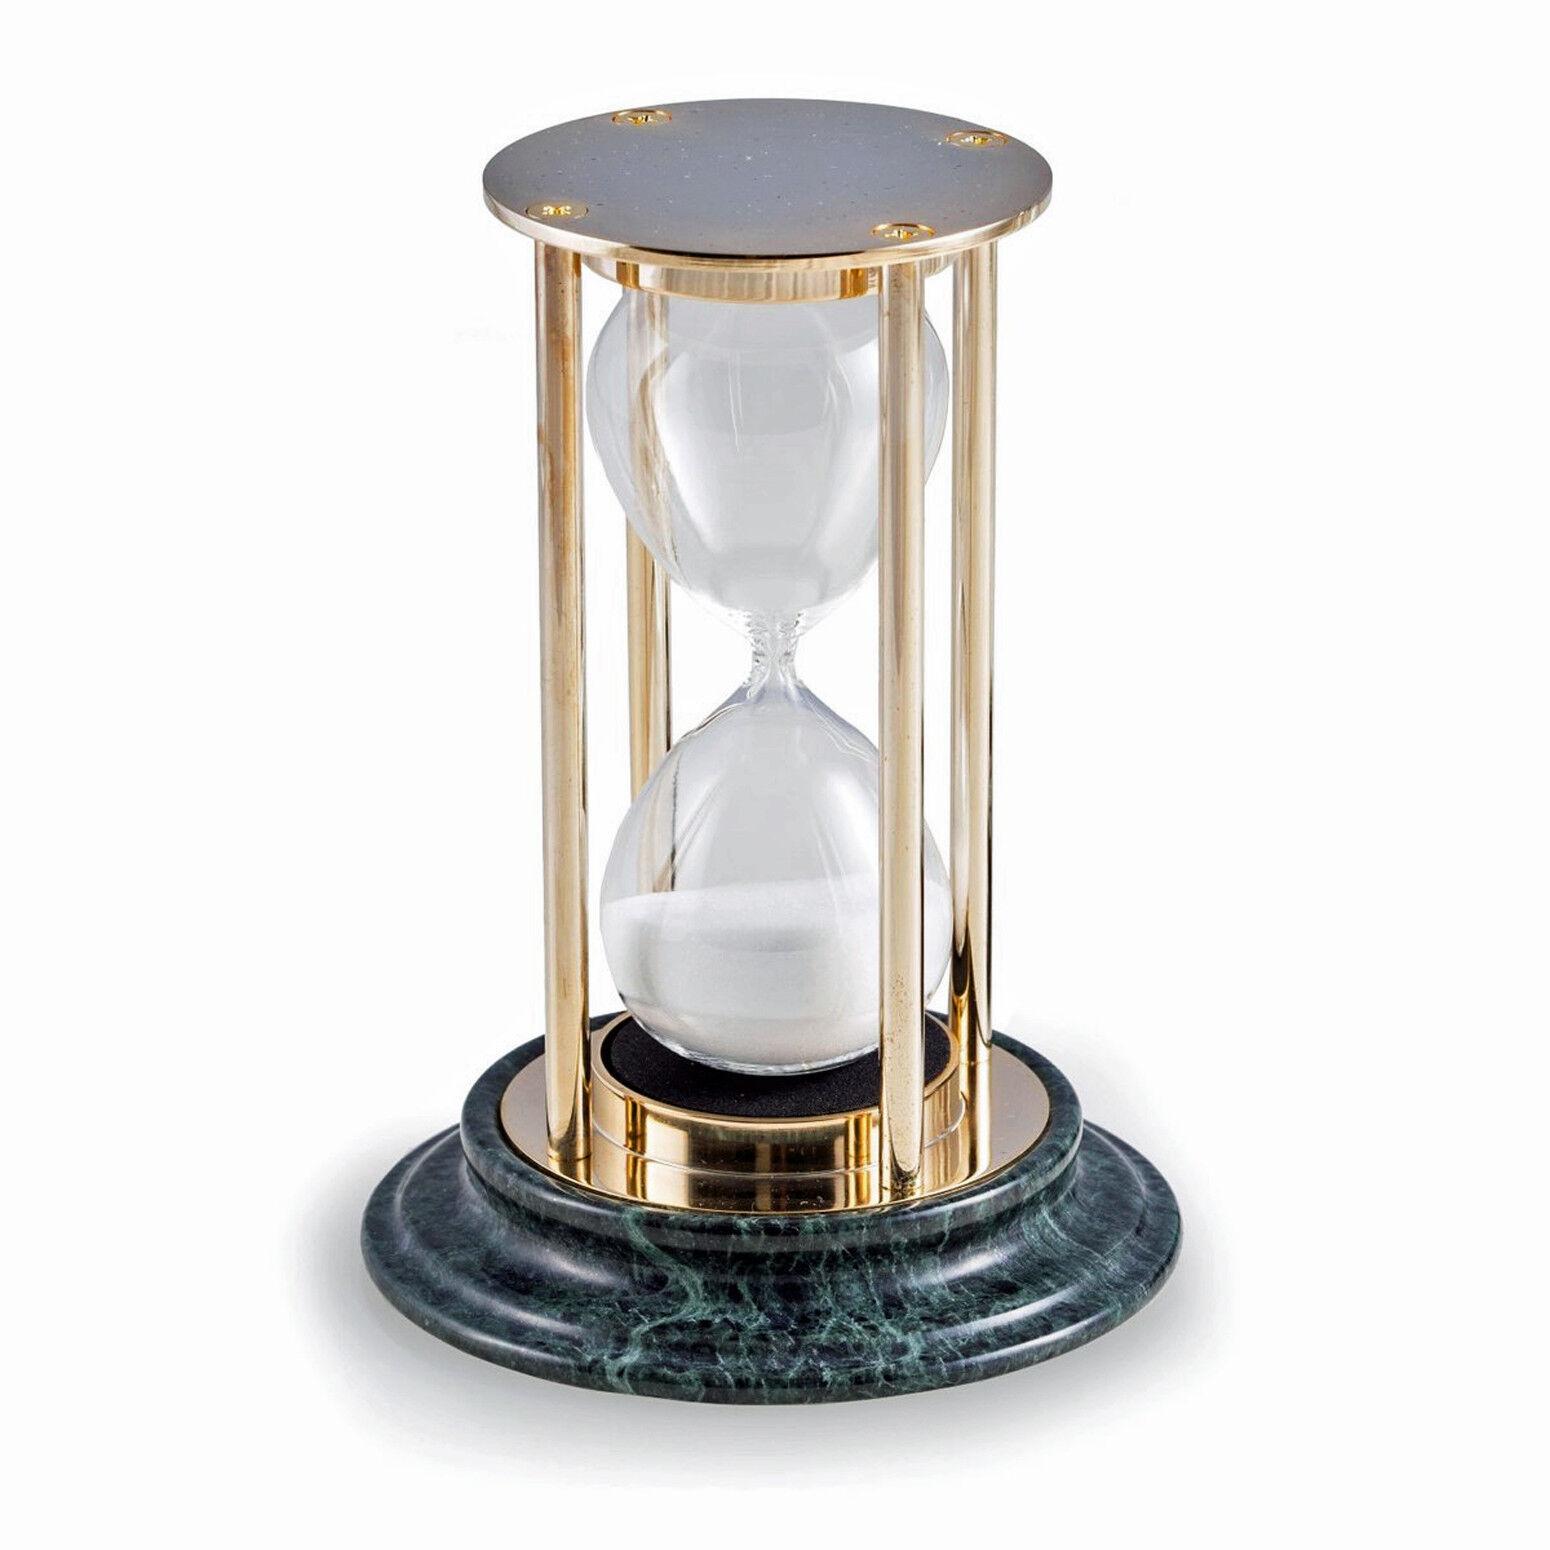 Bureau Accessoires -  Sands Of Time  15 Minutes Sablier sable Minuterie-Socle marbre